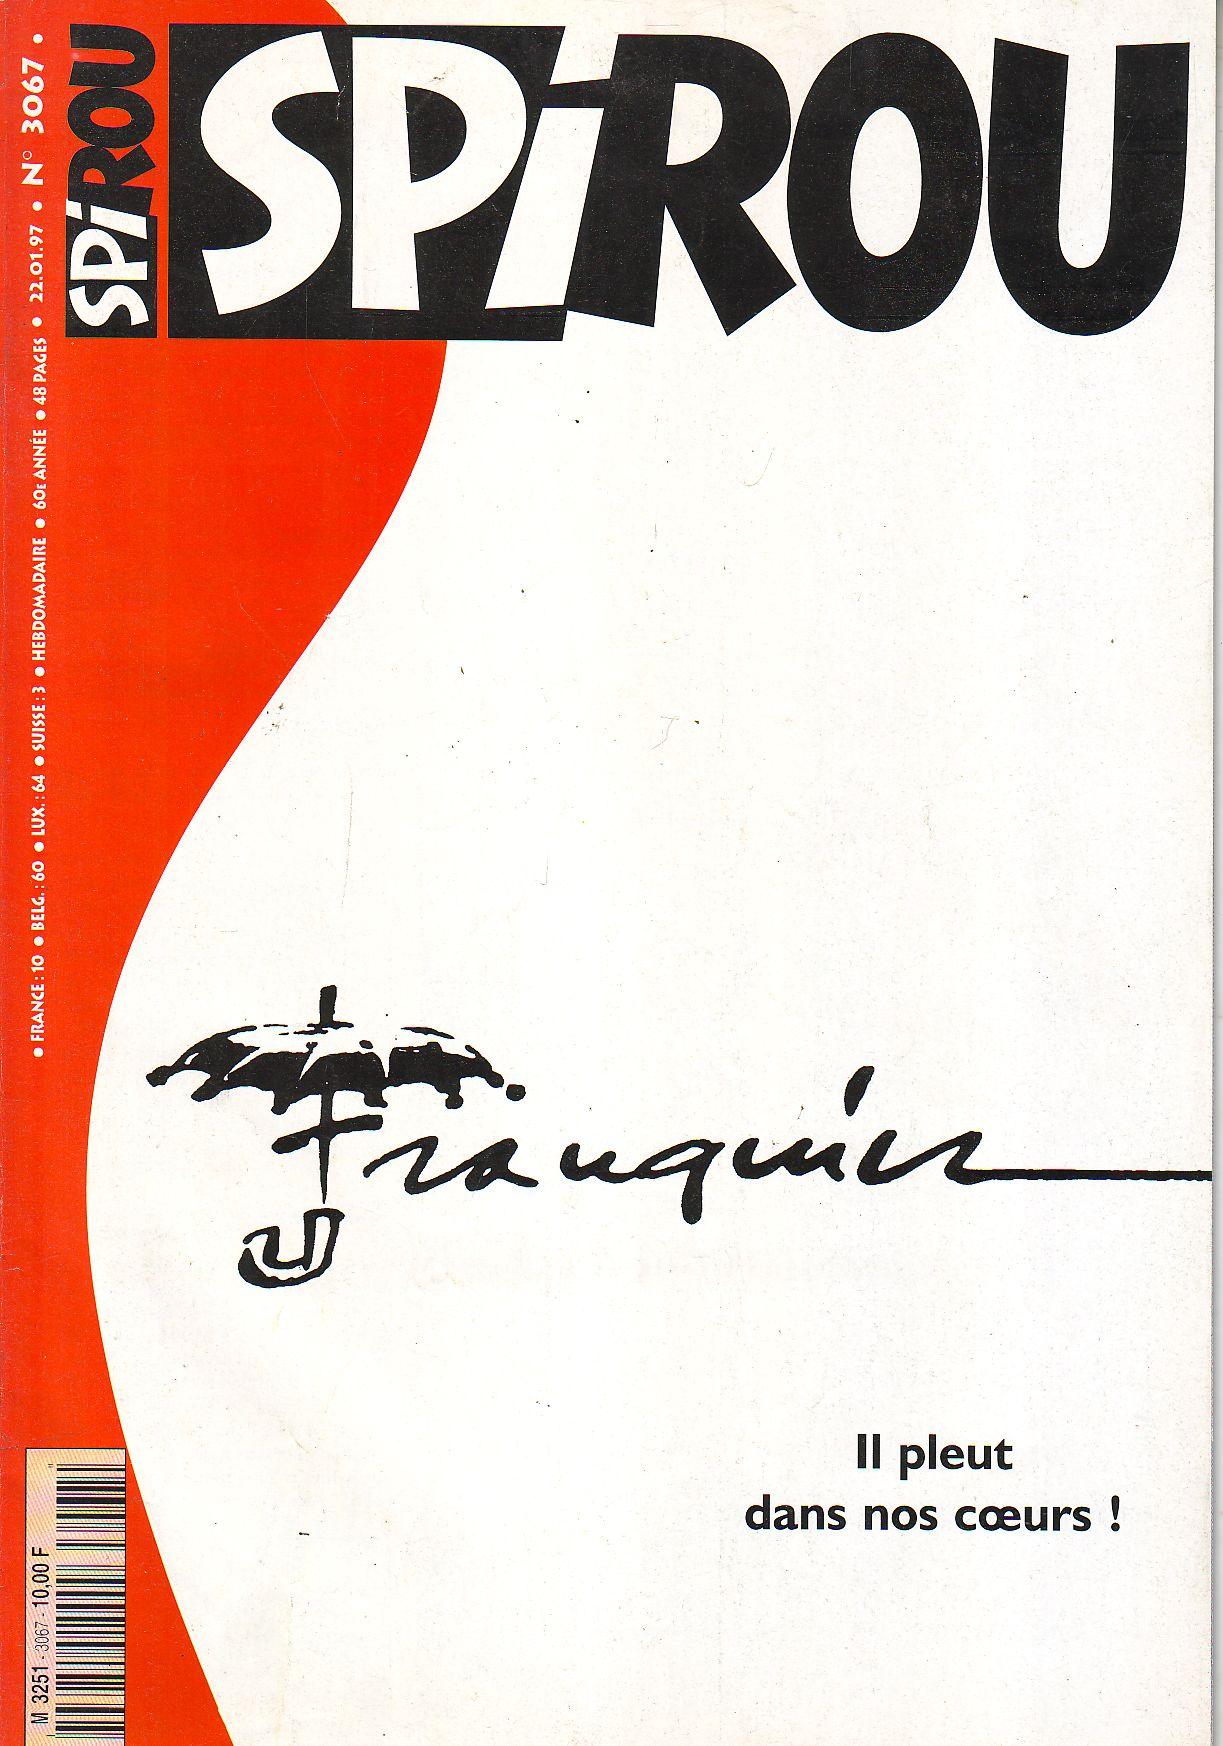 Le journal de Spirou 3067